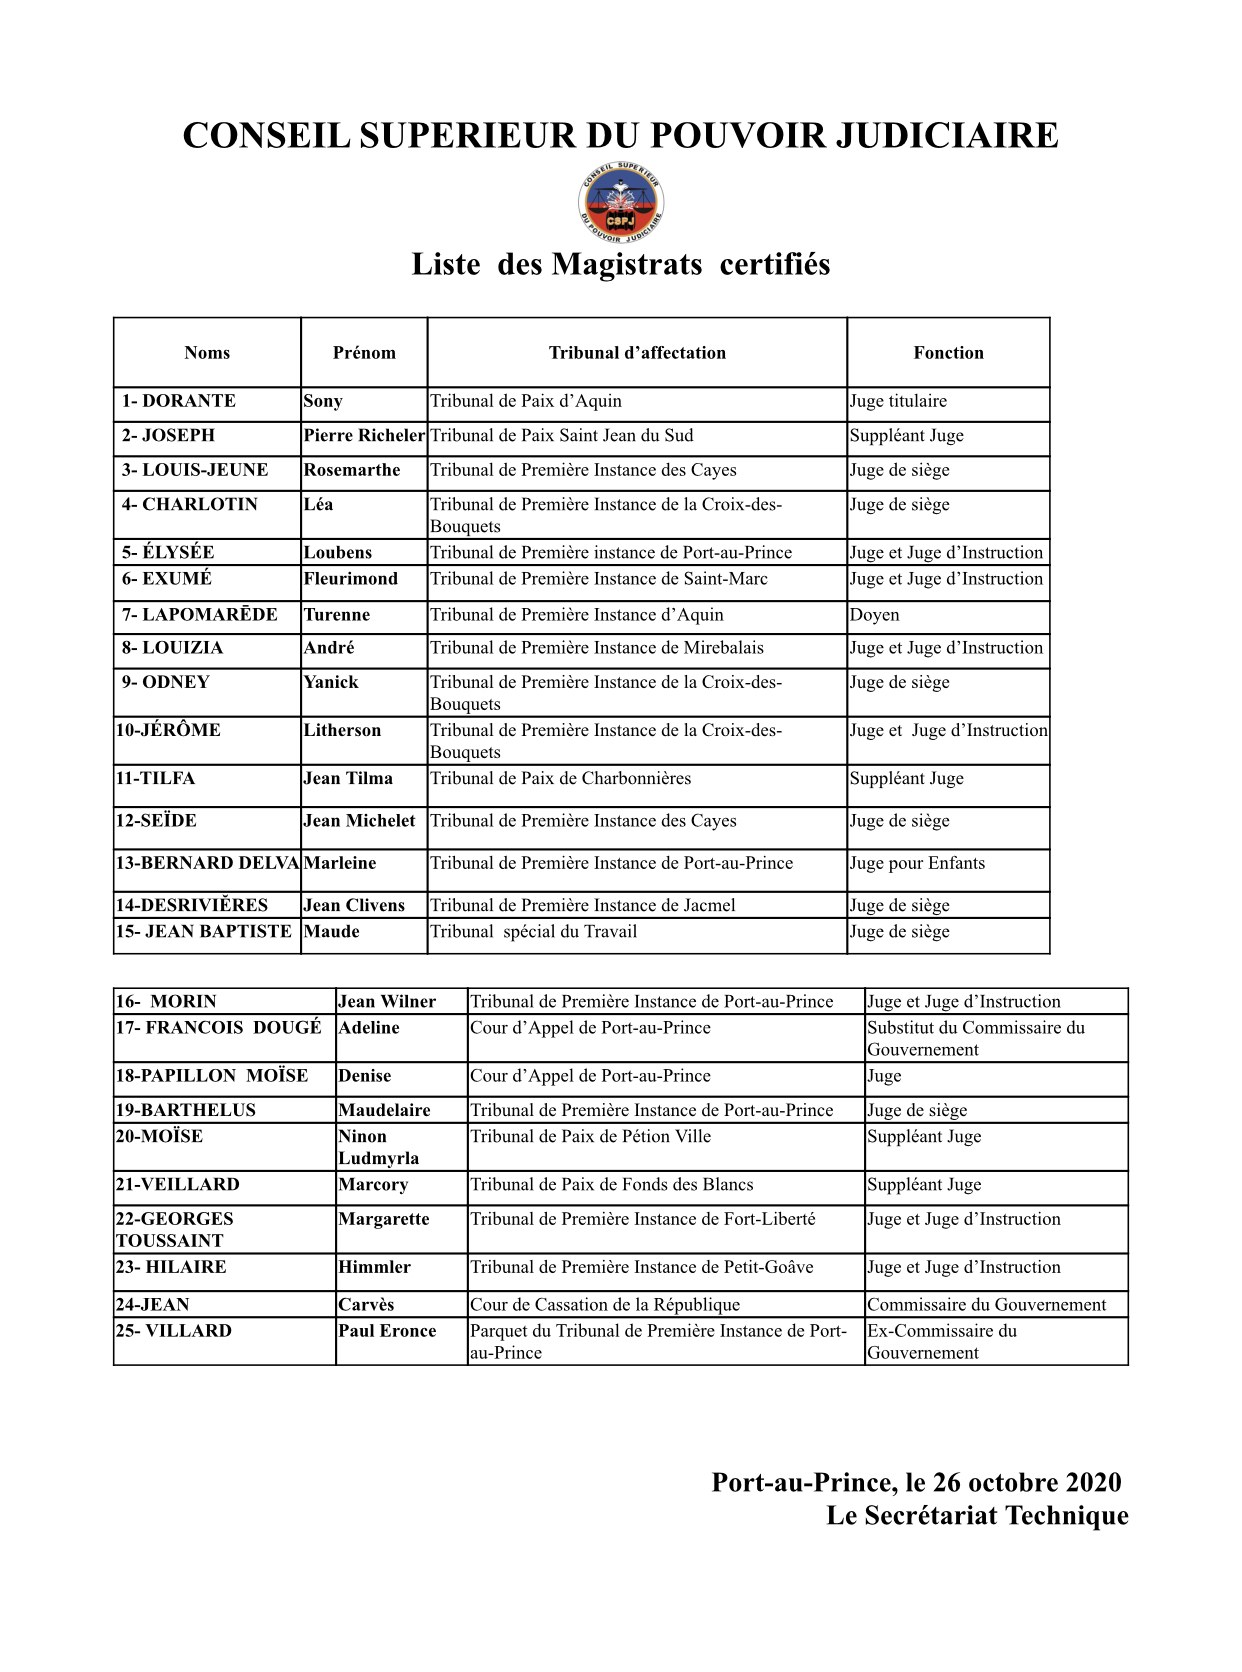 CSPJ- Liste des Magistrats certifiés